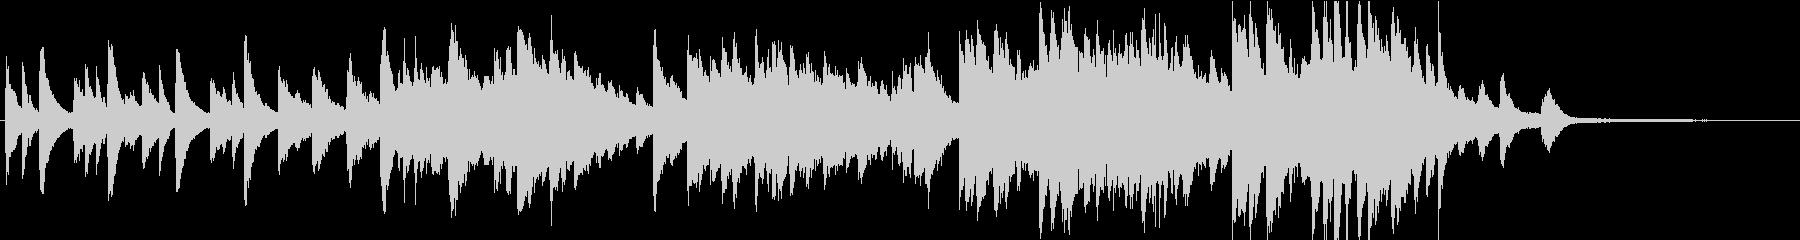 ファンタジックなピアノ曲の未再生の波形